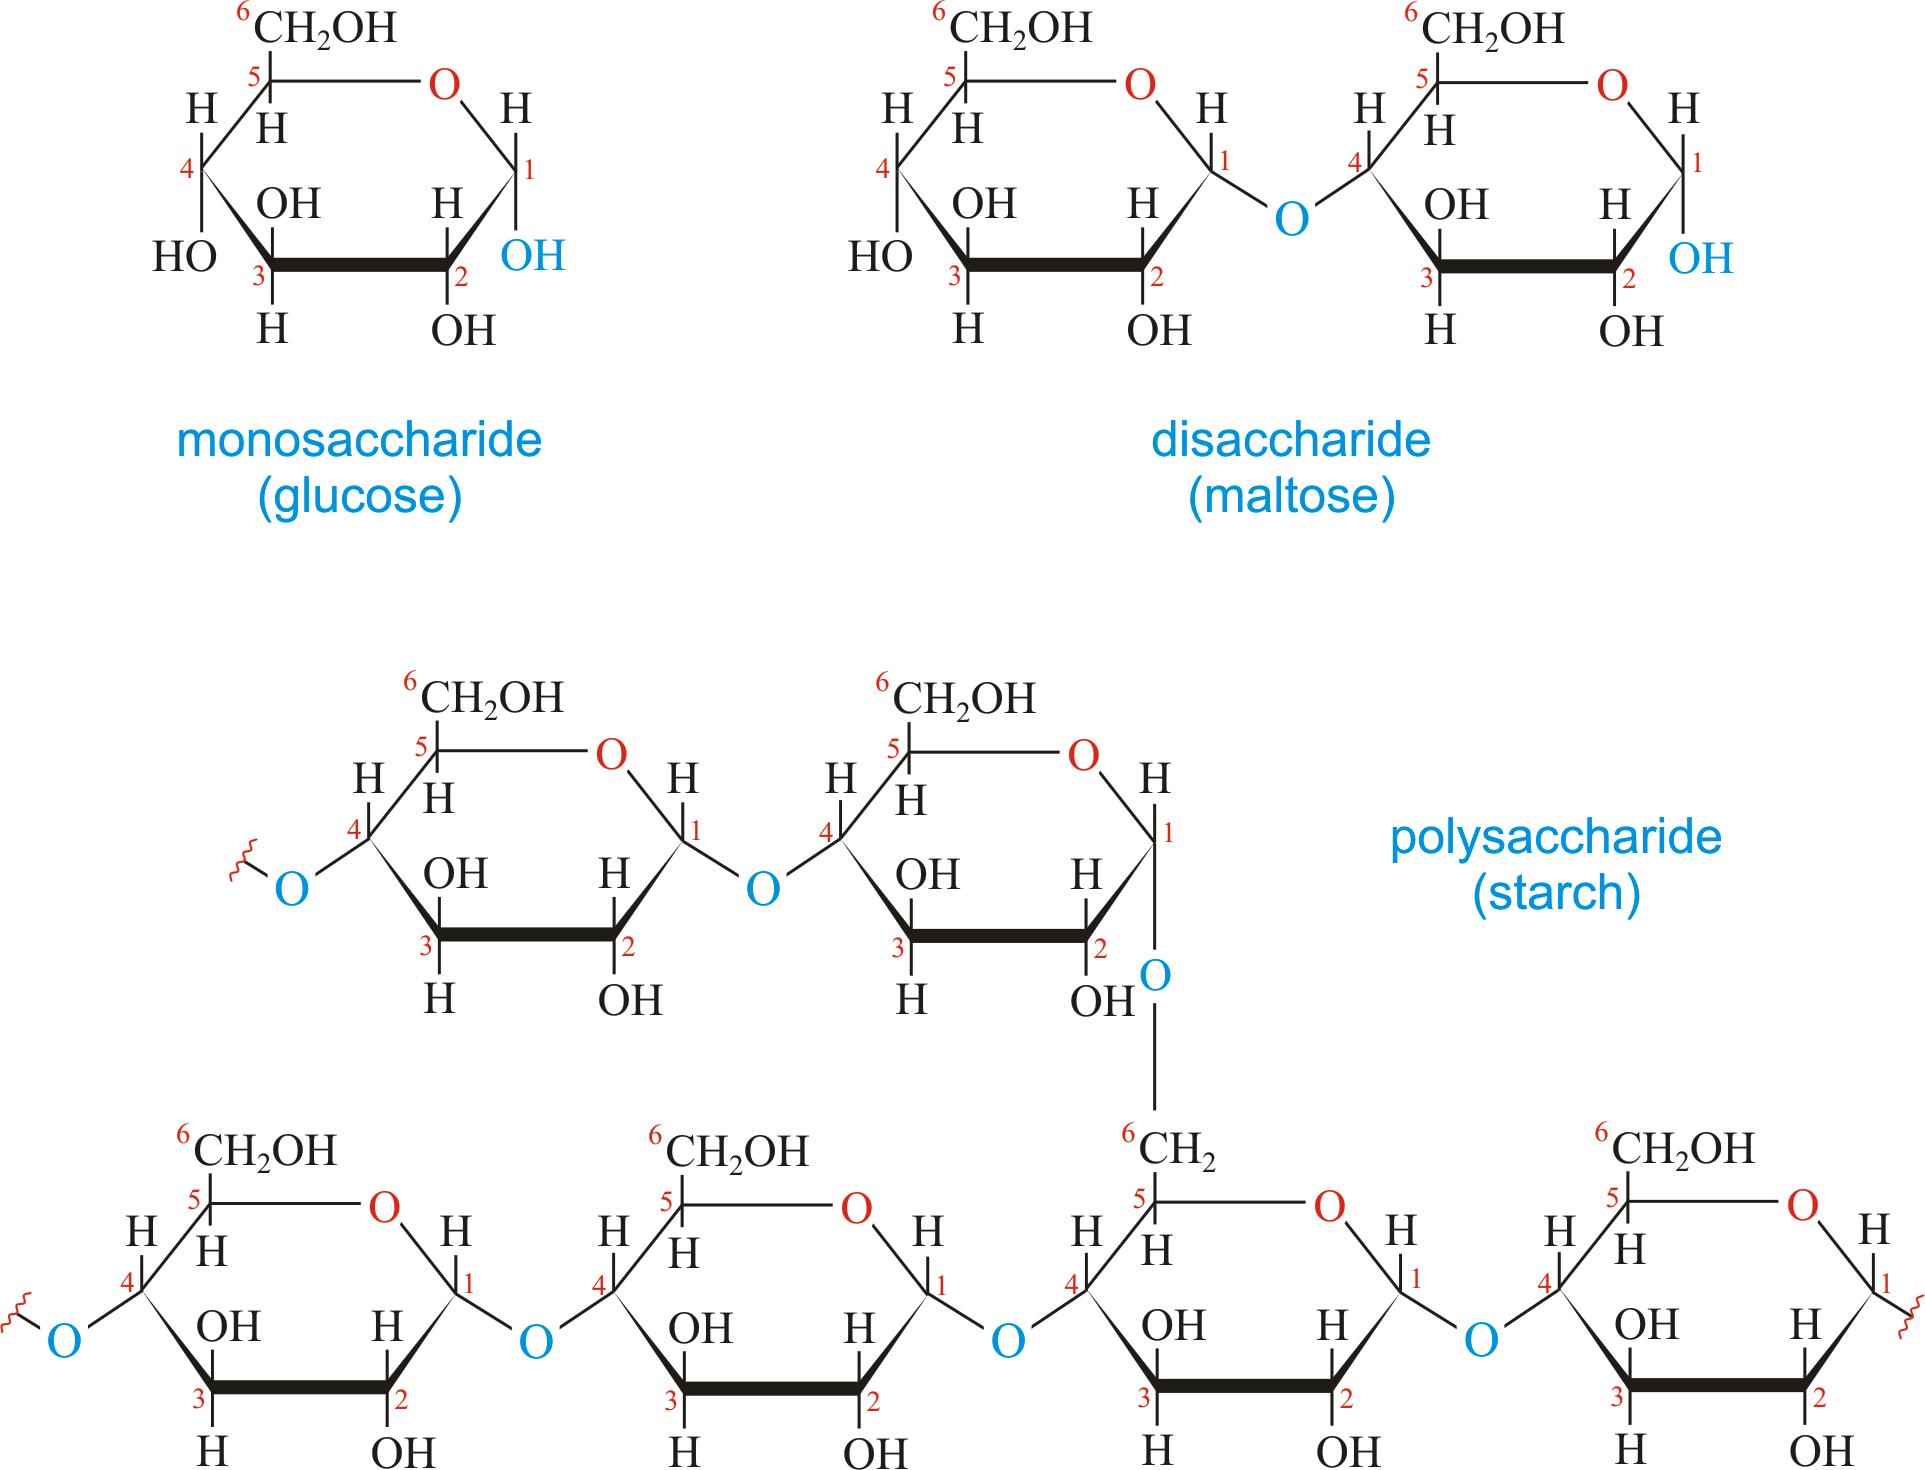 """Sol üst köşede basit bir şeker (monosakkarit) olan glikoz görülüyor. Sağ üst köşede, iki şeker molekülünün bir araya gelmesiyle oluşan ve bu nedenle """"ikili şeker"""" (disakkarit) olarak adlandırılan maltoz molekülü görülüyor. Aşağıda ise bitkilerin ana besin deposu olan, çok sayıda glikozun birbirine bağlanmasıyla oluşan, bu nedenle """"çoklu şeker"""" (polisakkarit) olarak bilinen nişasta molekülü görülüyor."""